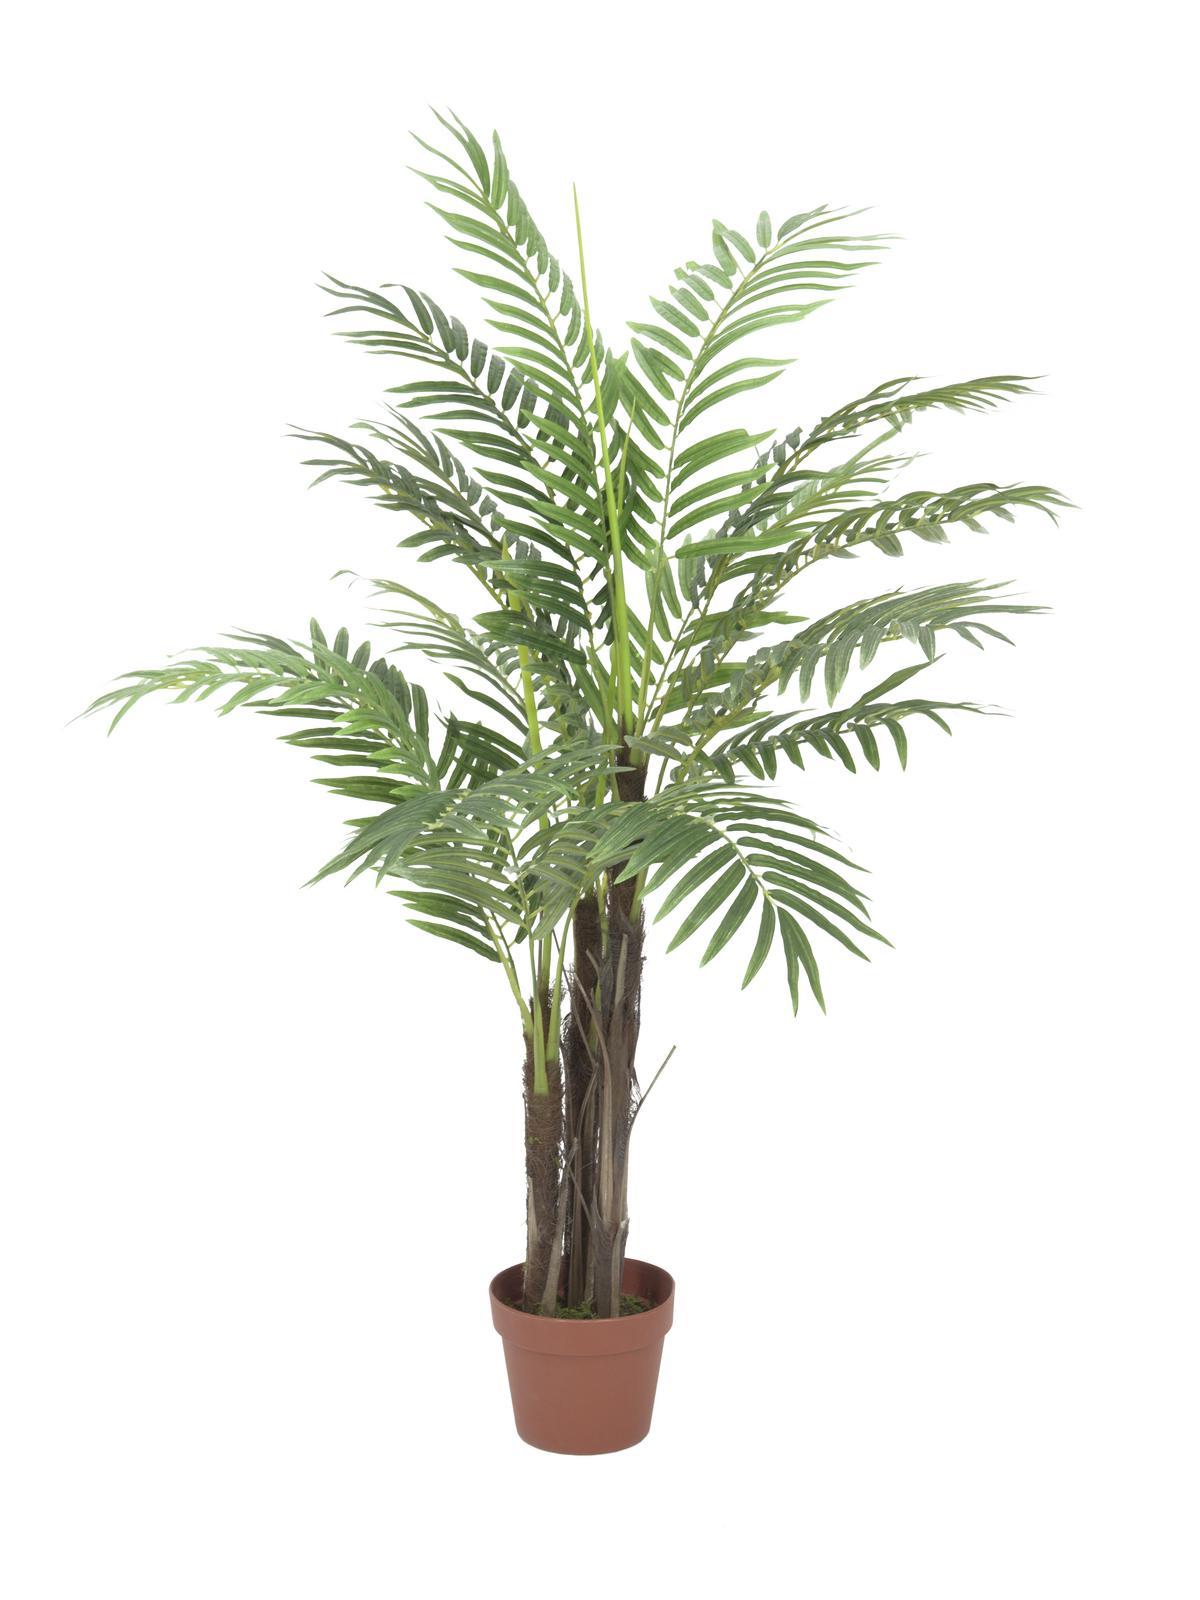 Image of   Kunstig Phoenix palm tree, 120cm